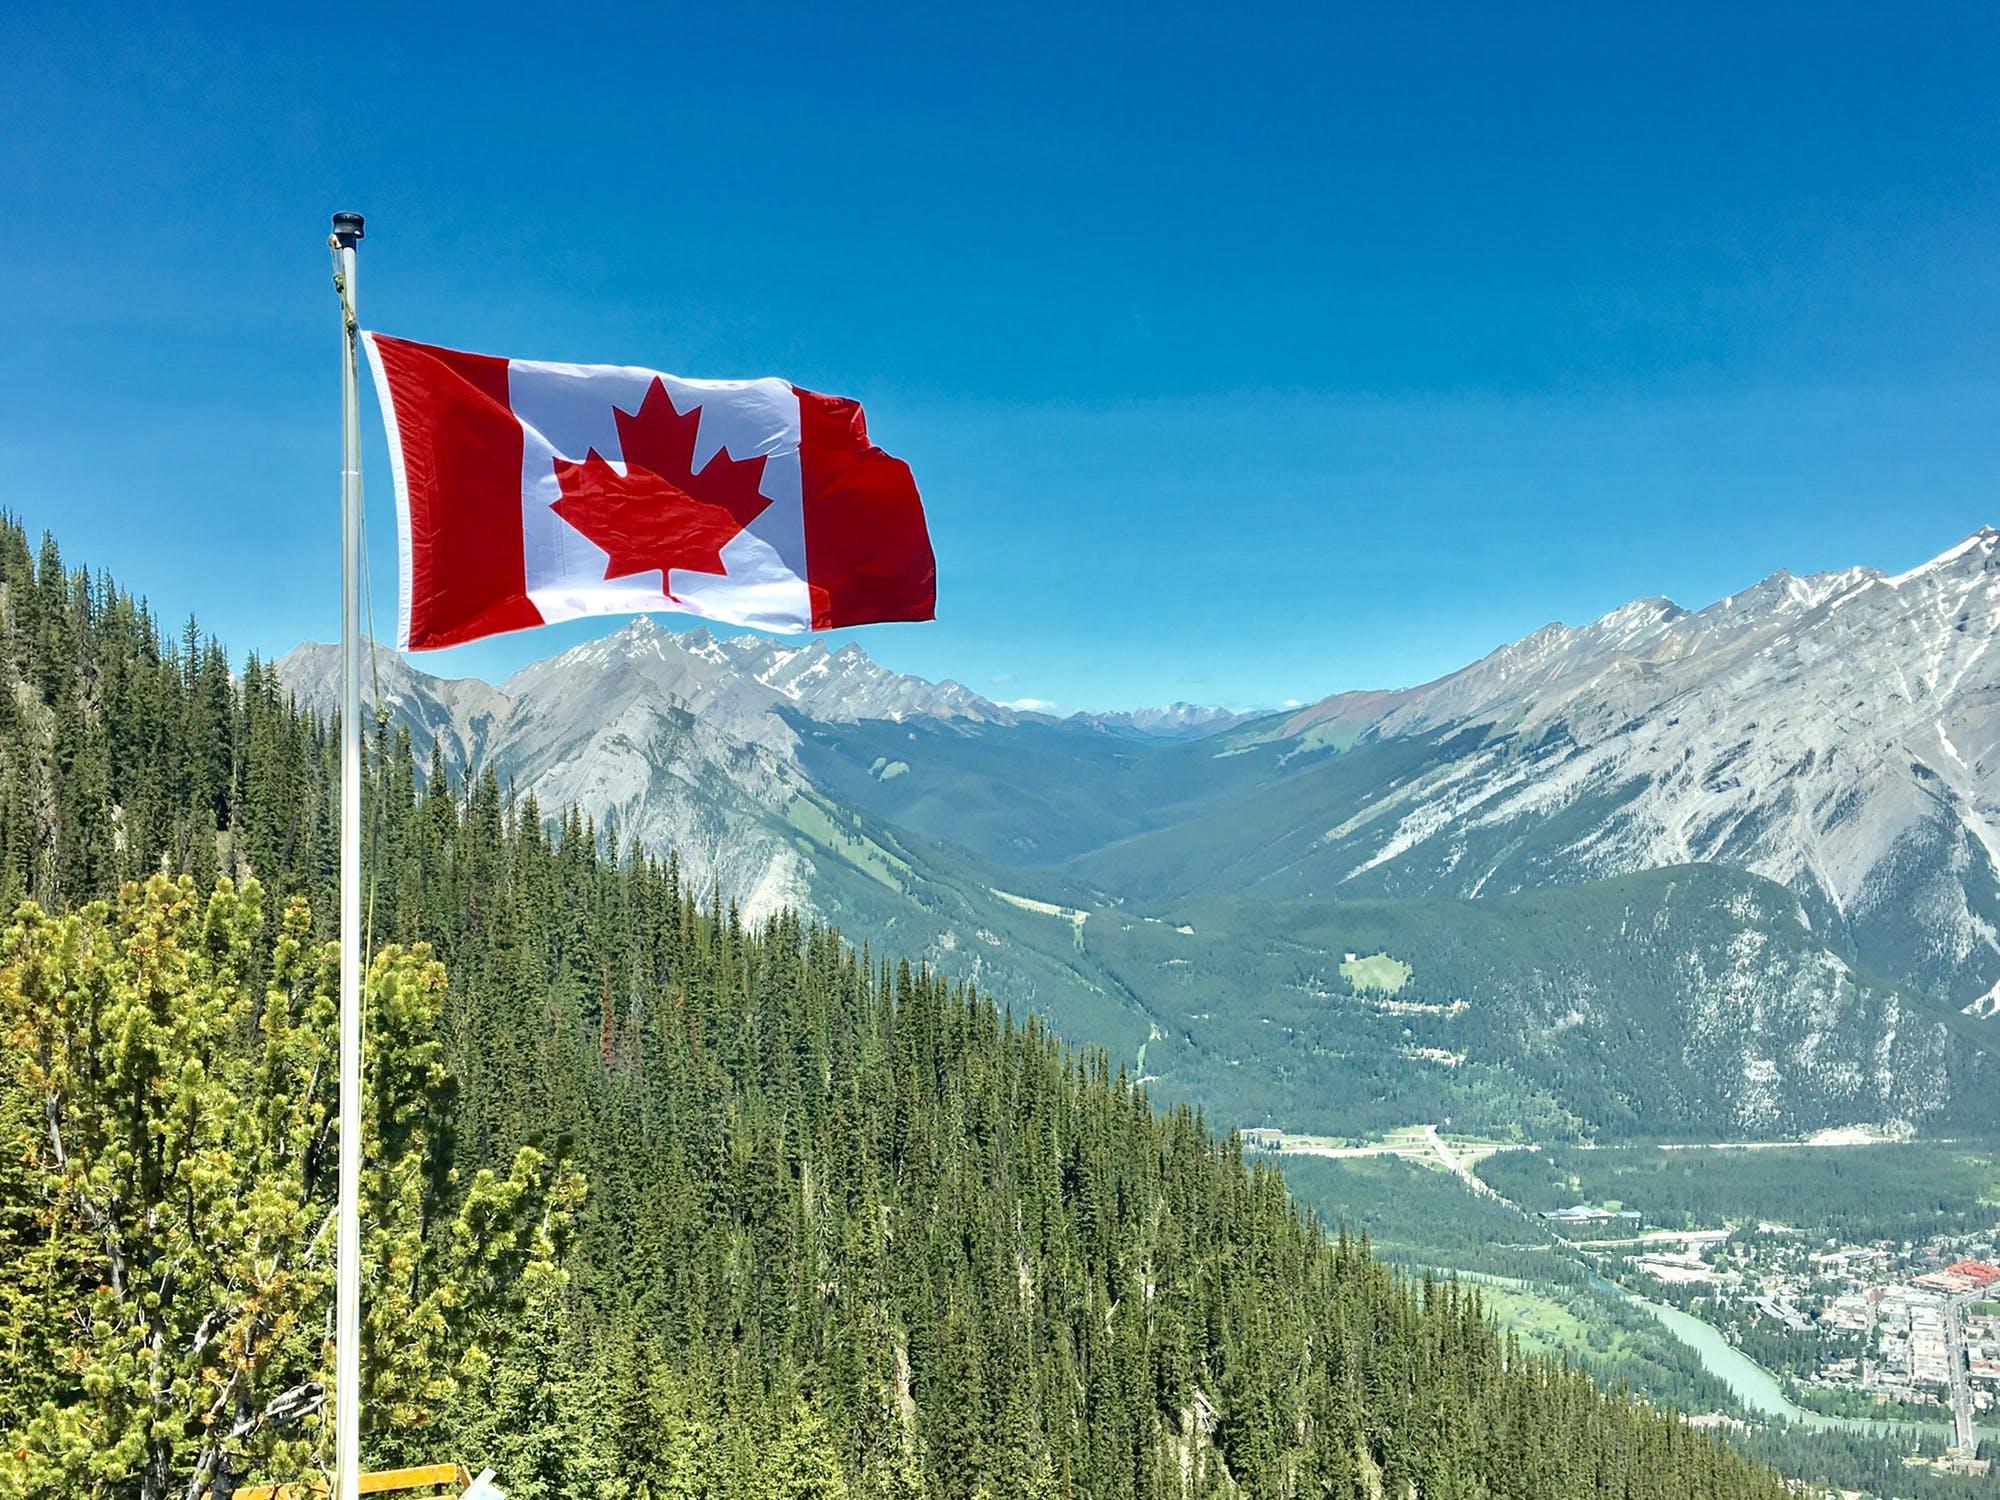 办理加拿大签证需要录入指纹吗?